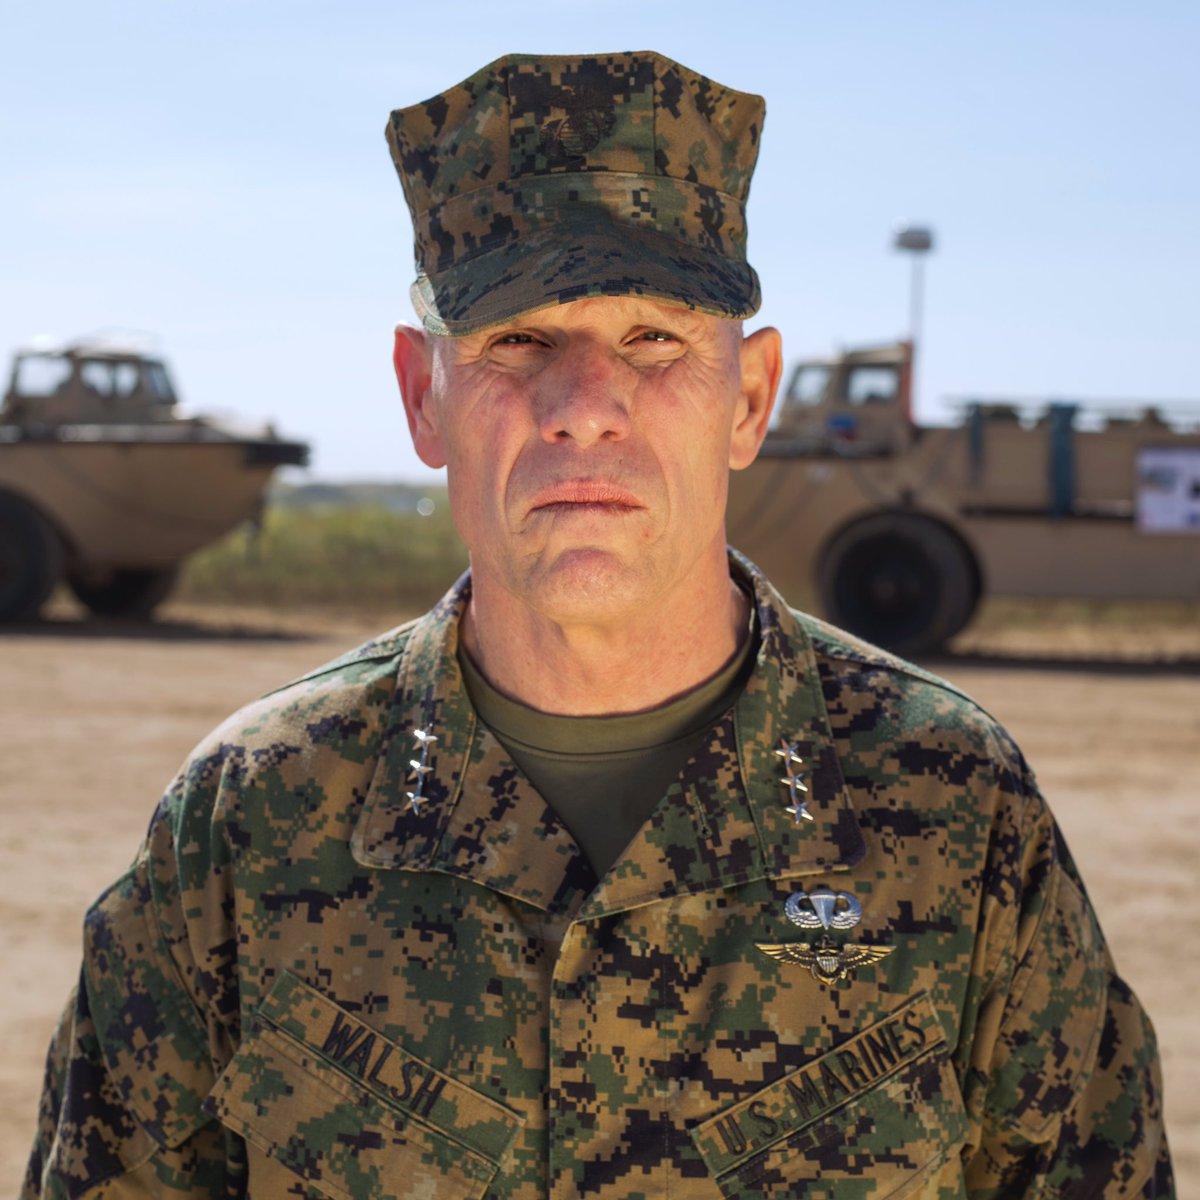 US Marines USMC Twitter